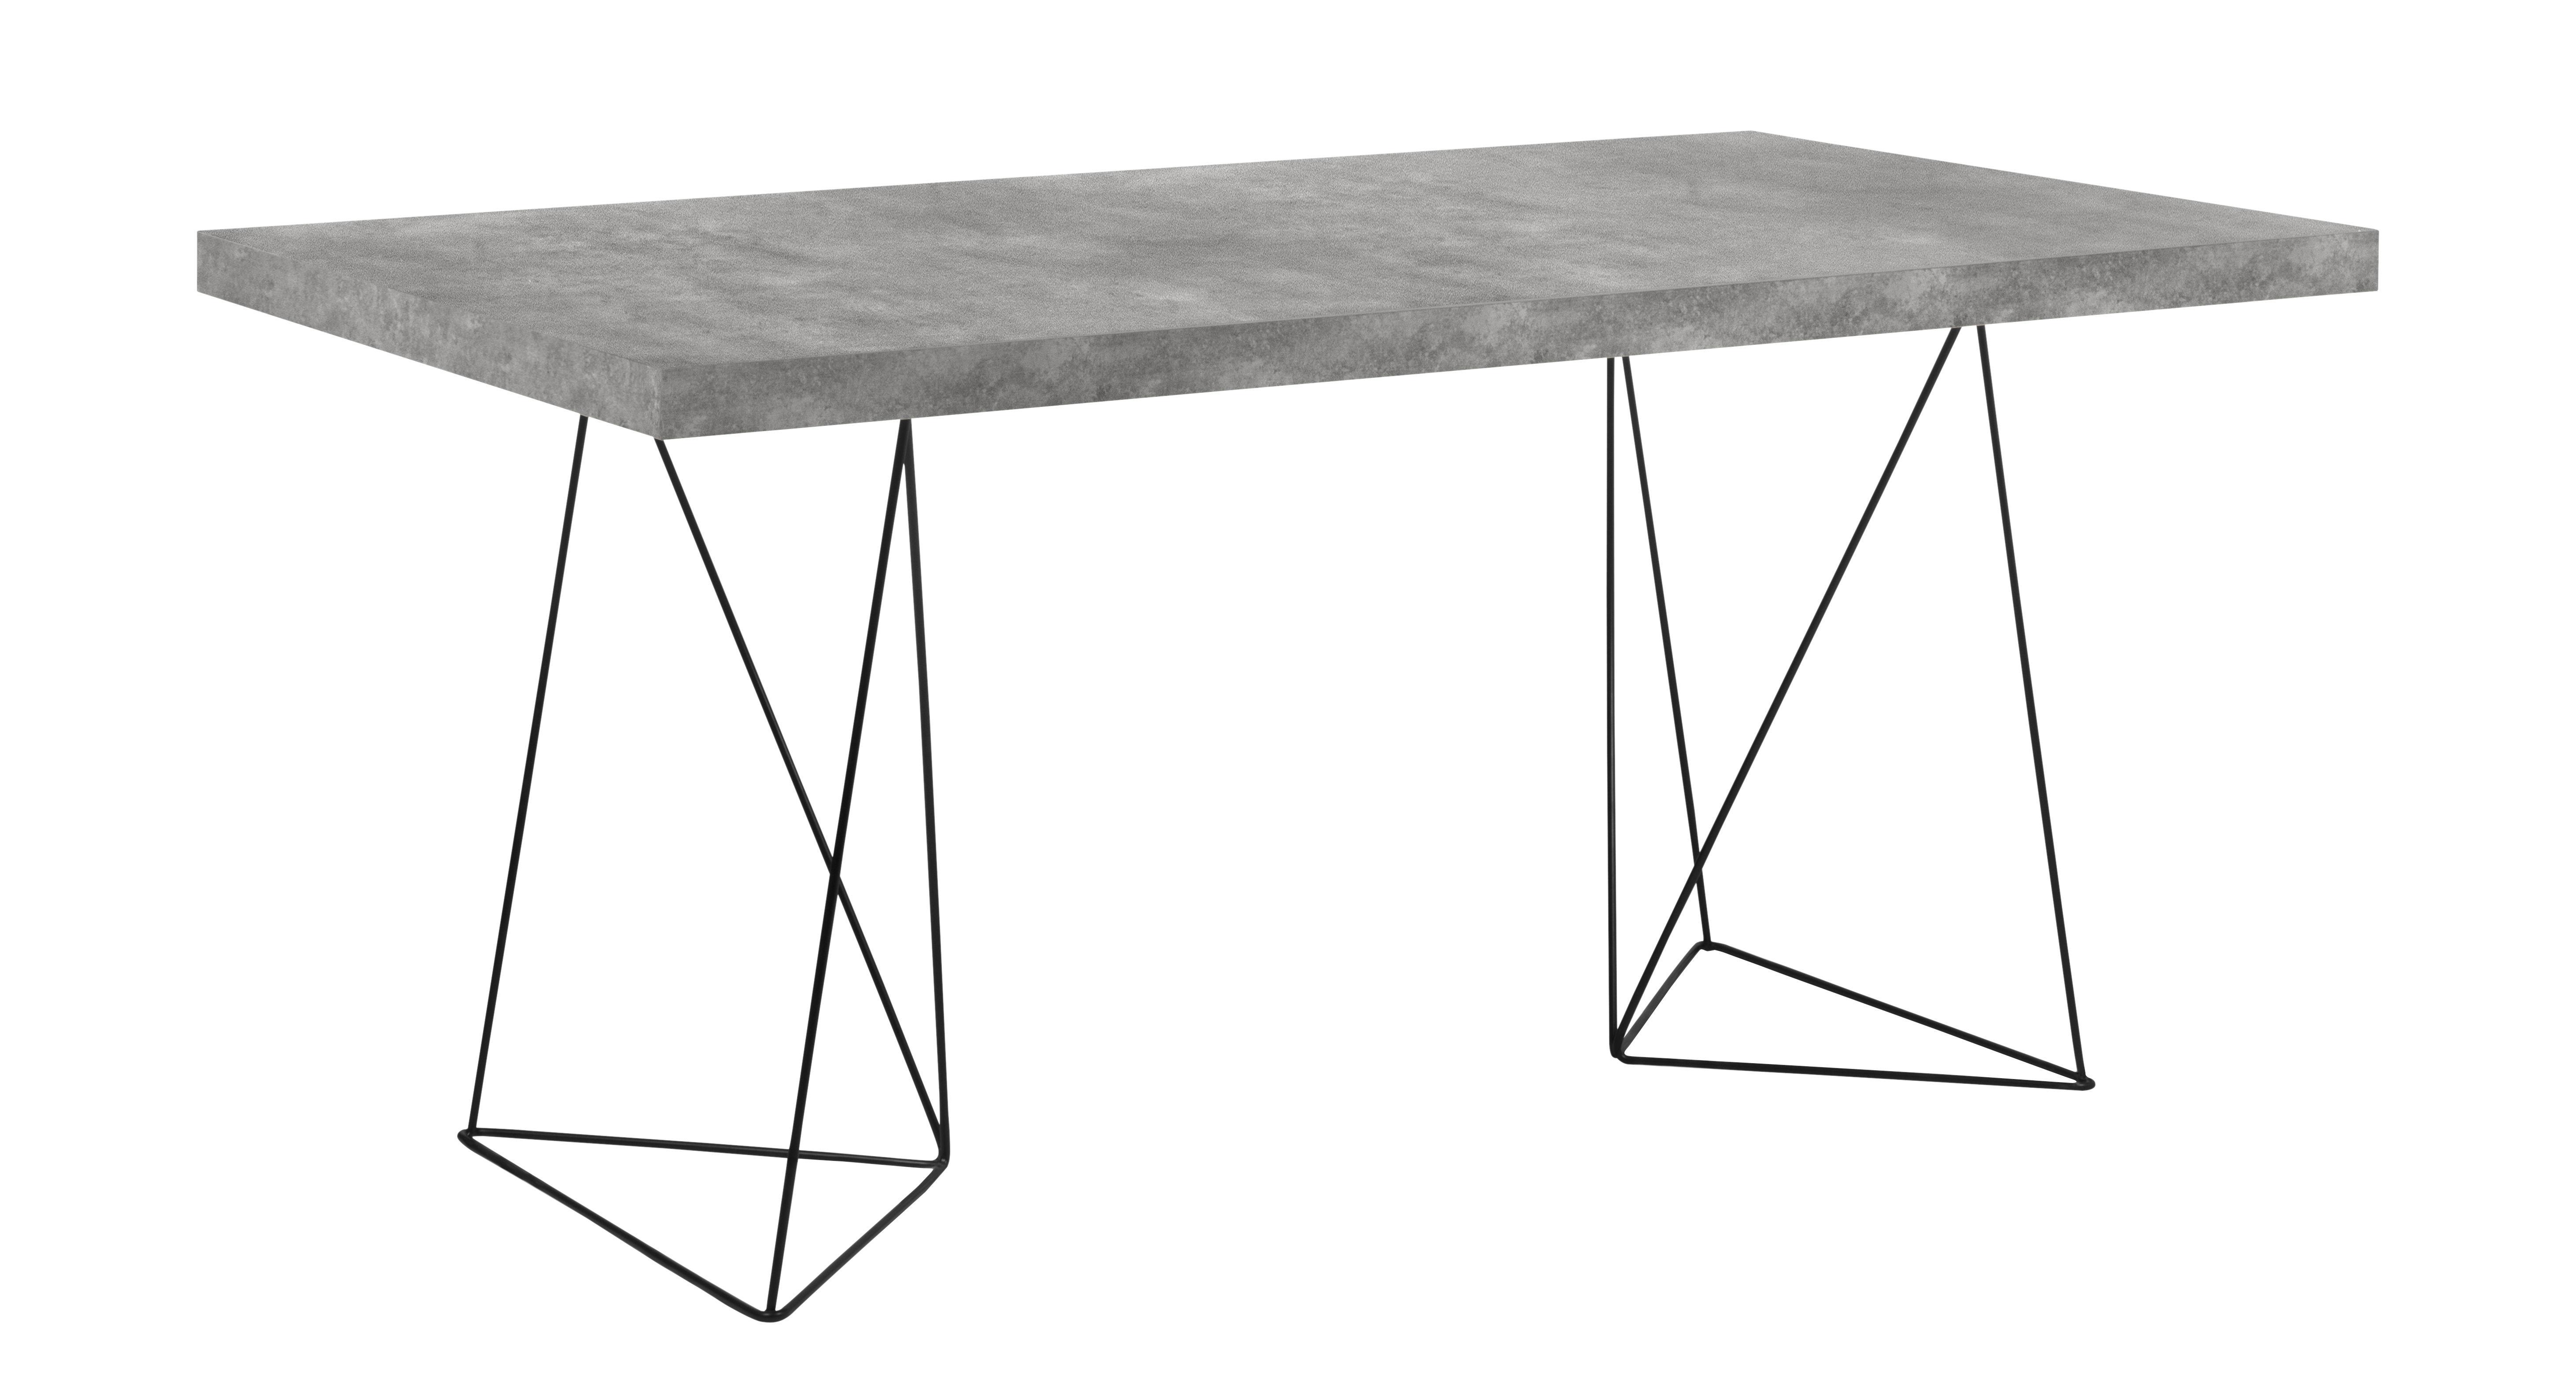 Arredamento - Tavoli - Tavolo Trestle / L 160 cm - Effetto cemento - POP UP HOME - Effetto cemento / Piede nero - metallo laccato, Panneau d'aggloméré